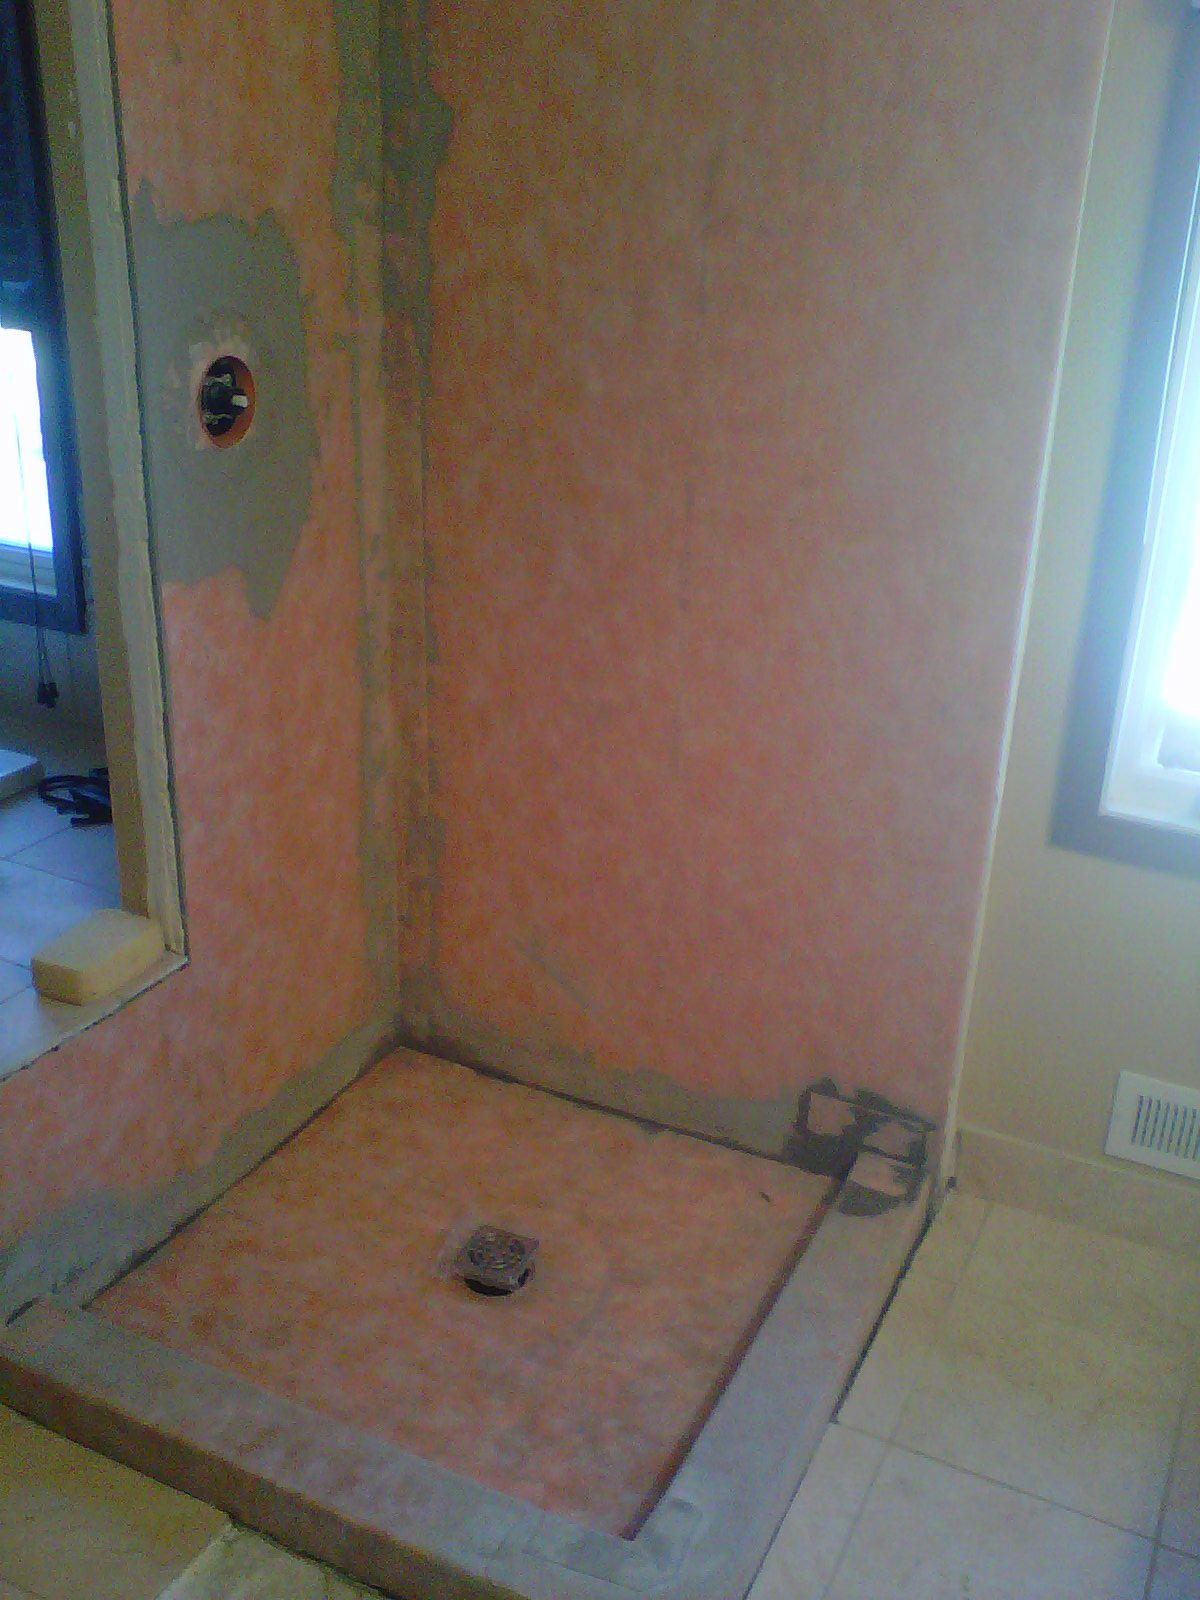 Schluter Shower Systems | Honey-Doers.com Work | Pinterest ...